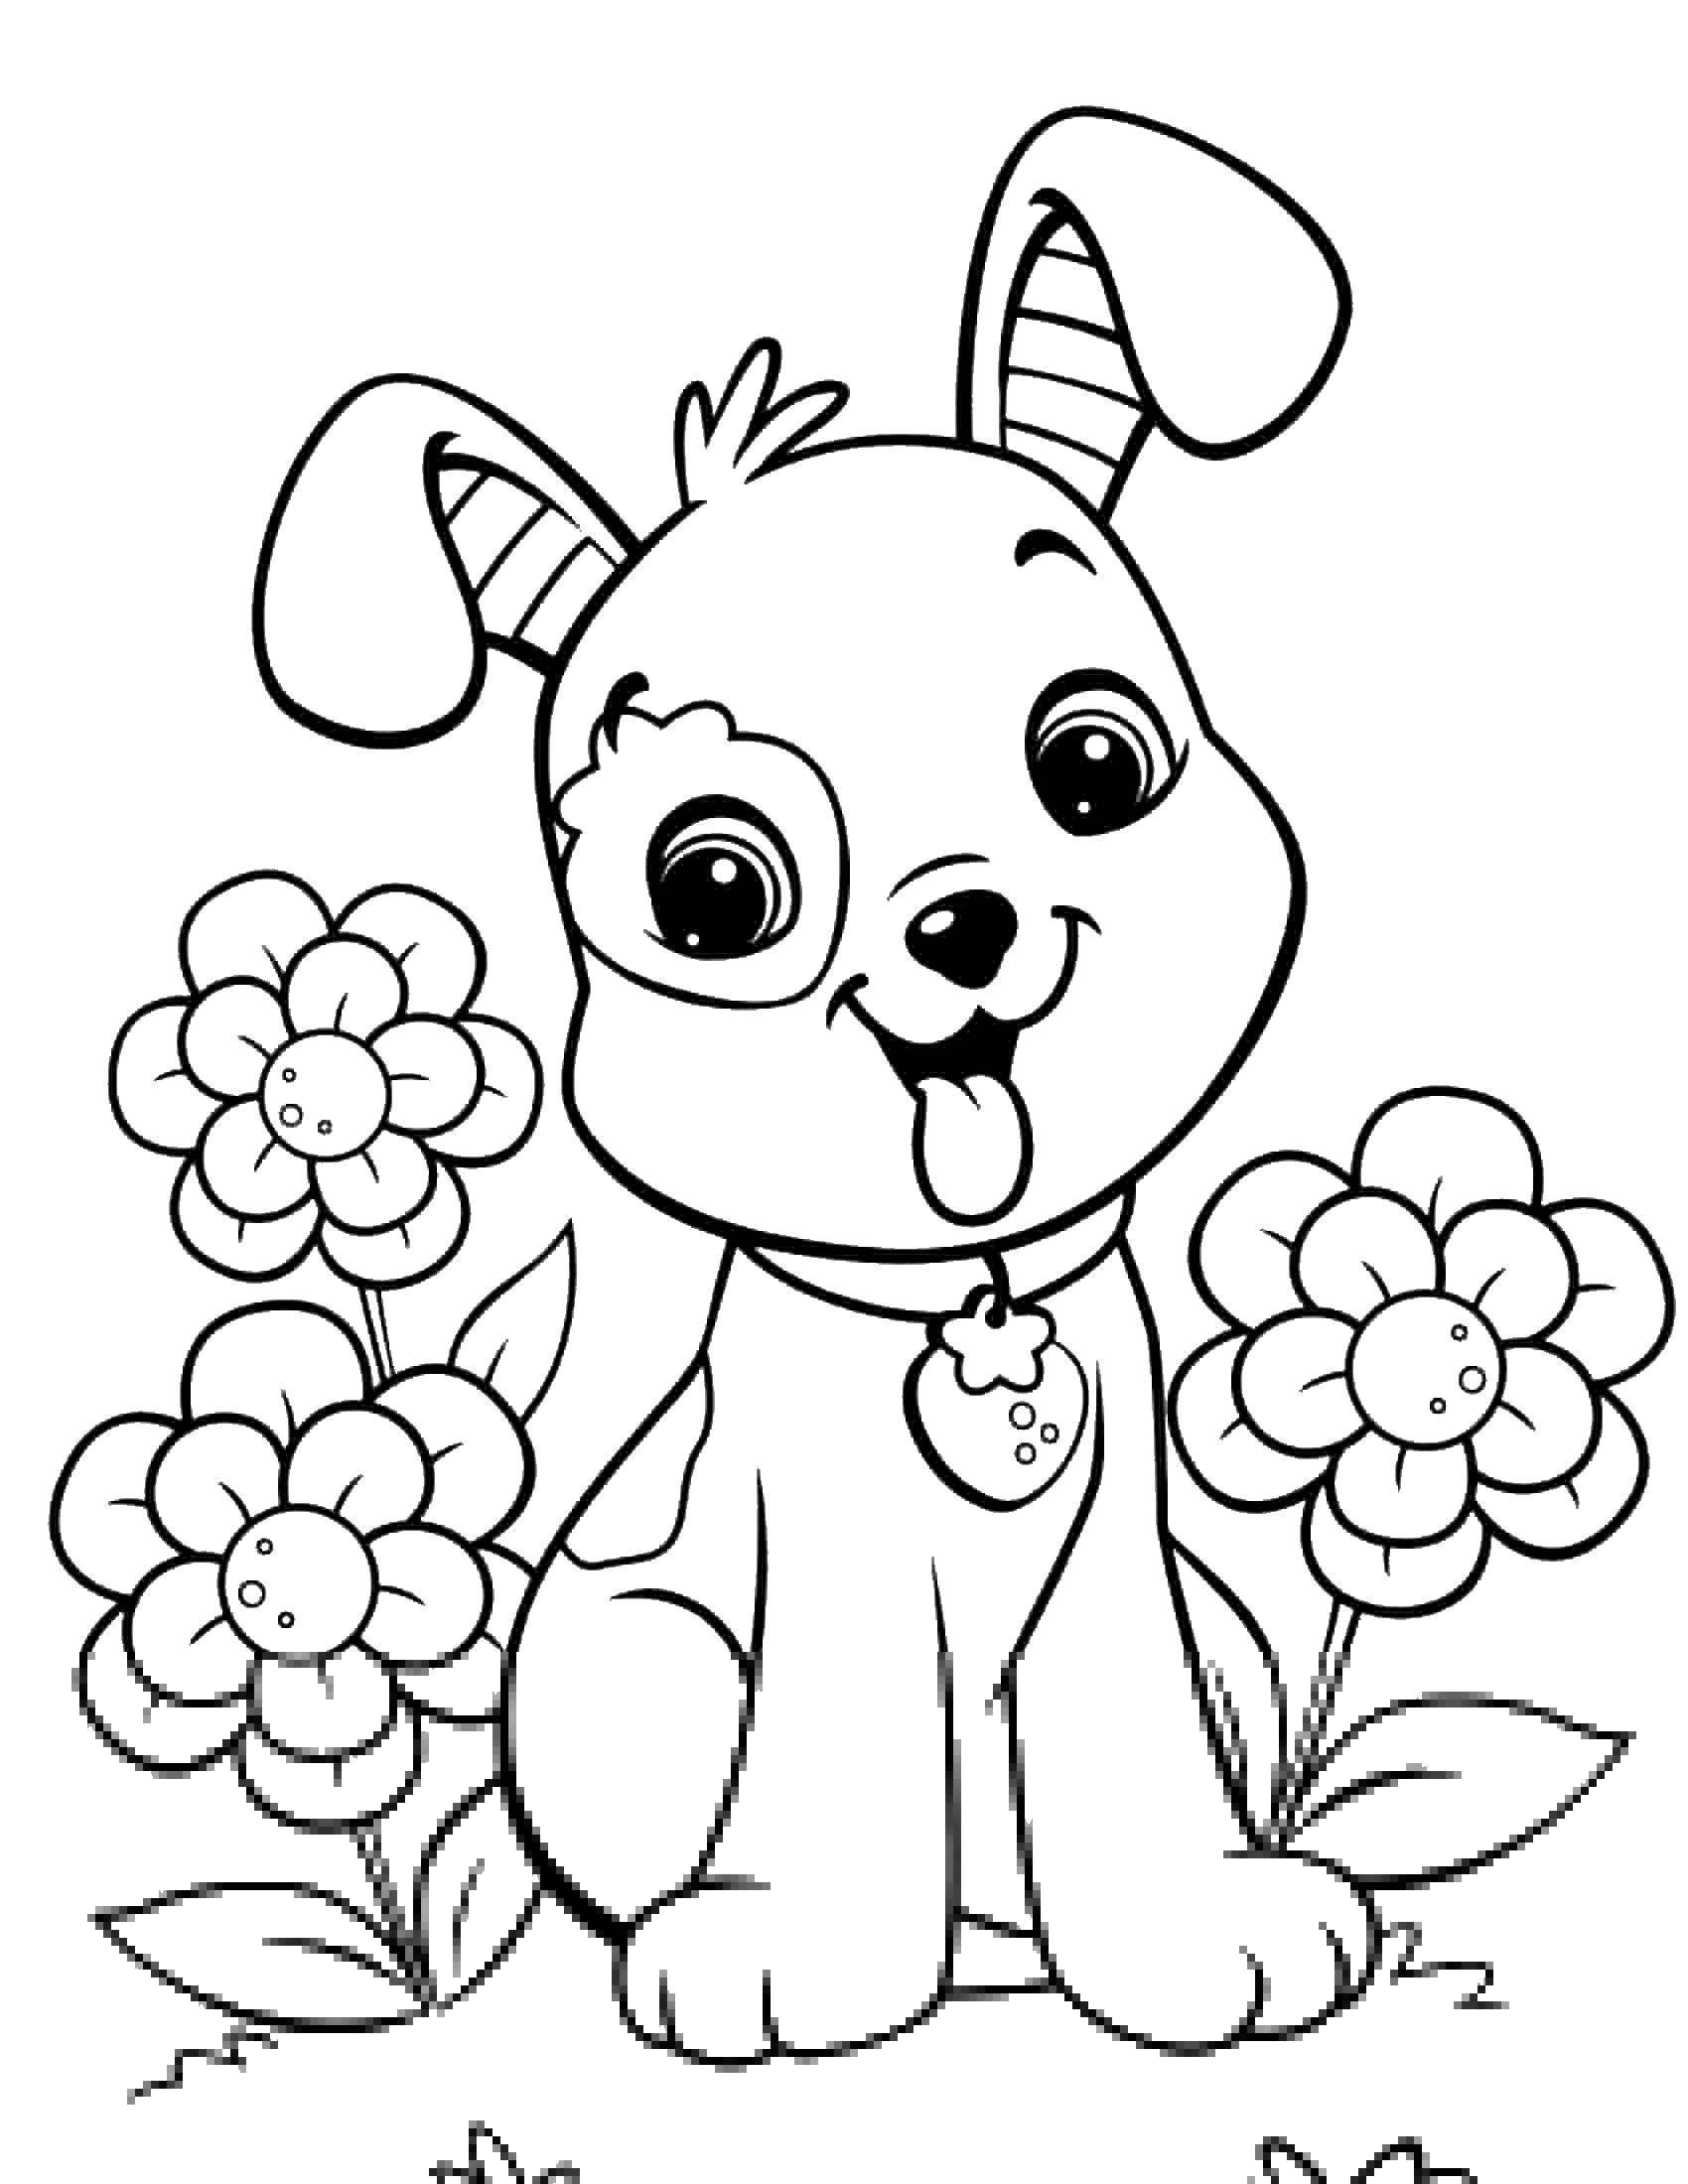 Раскраска Собачка с цветочками. Скачать животные, собаки, цветы.  Распечатать ,домашние животные,